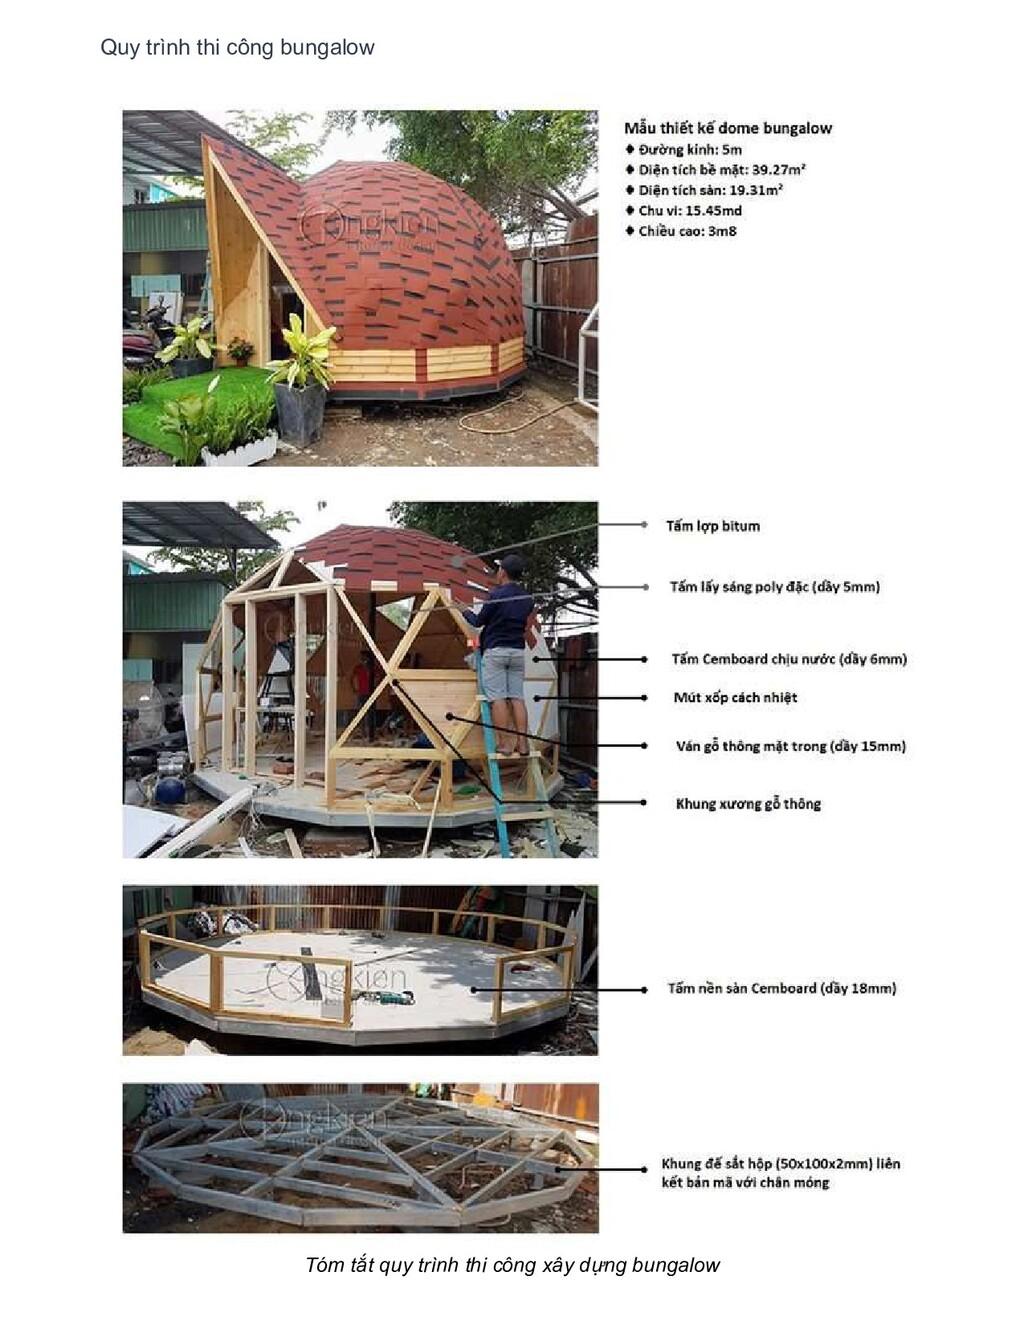 Quy trình thi công bungalow Tóm tắt quy trình t...